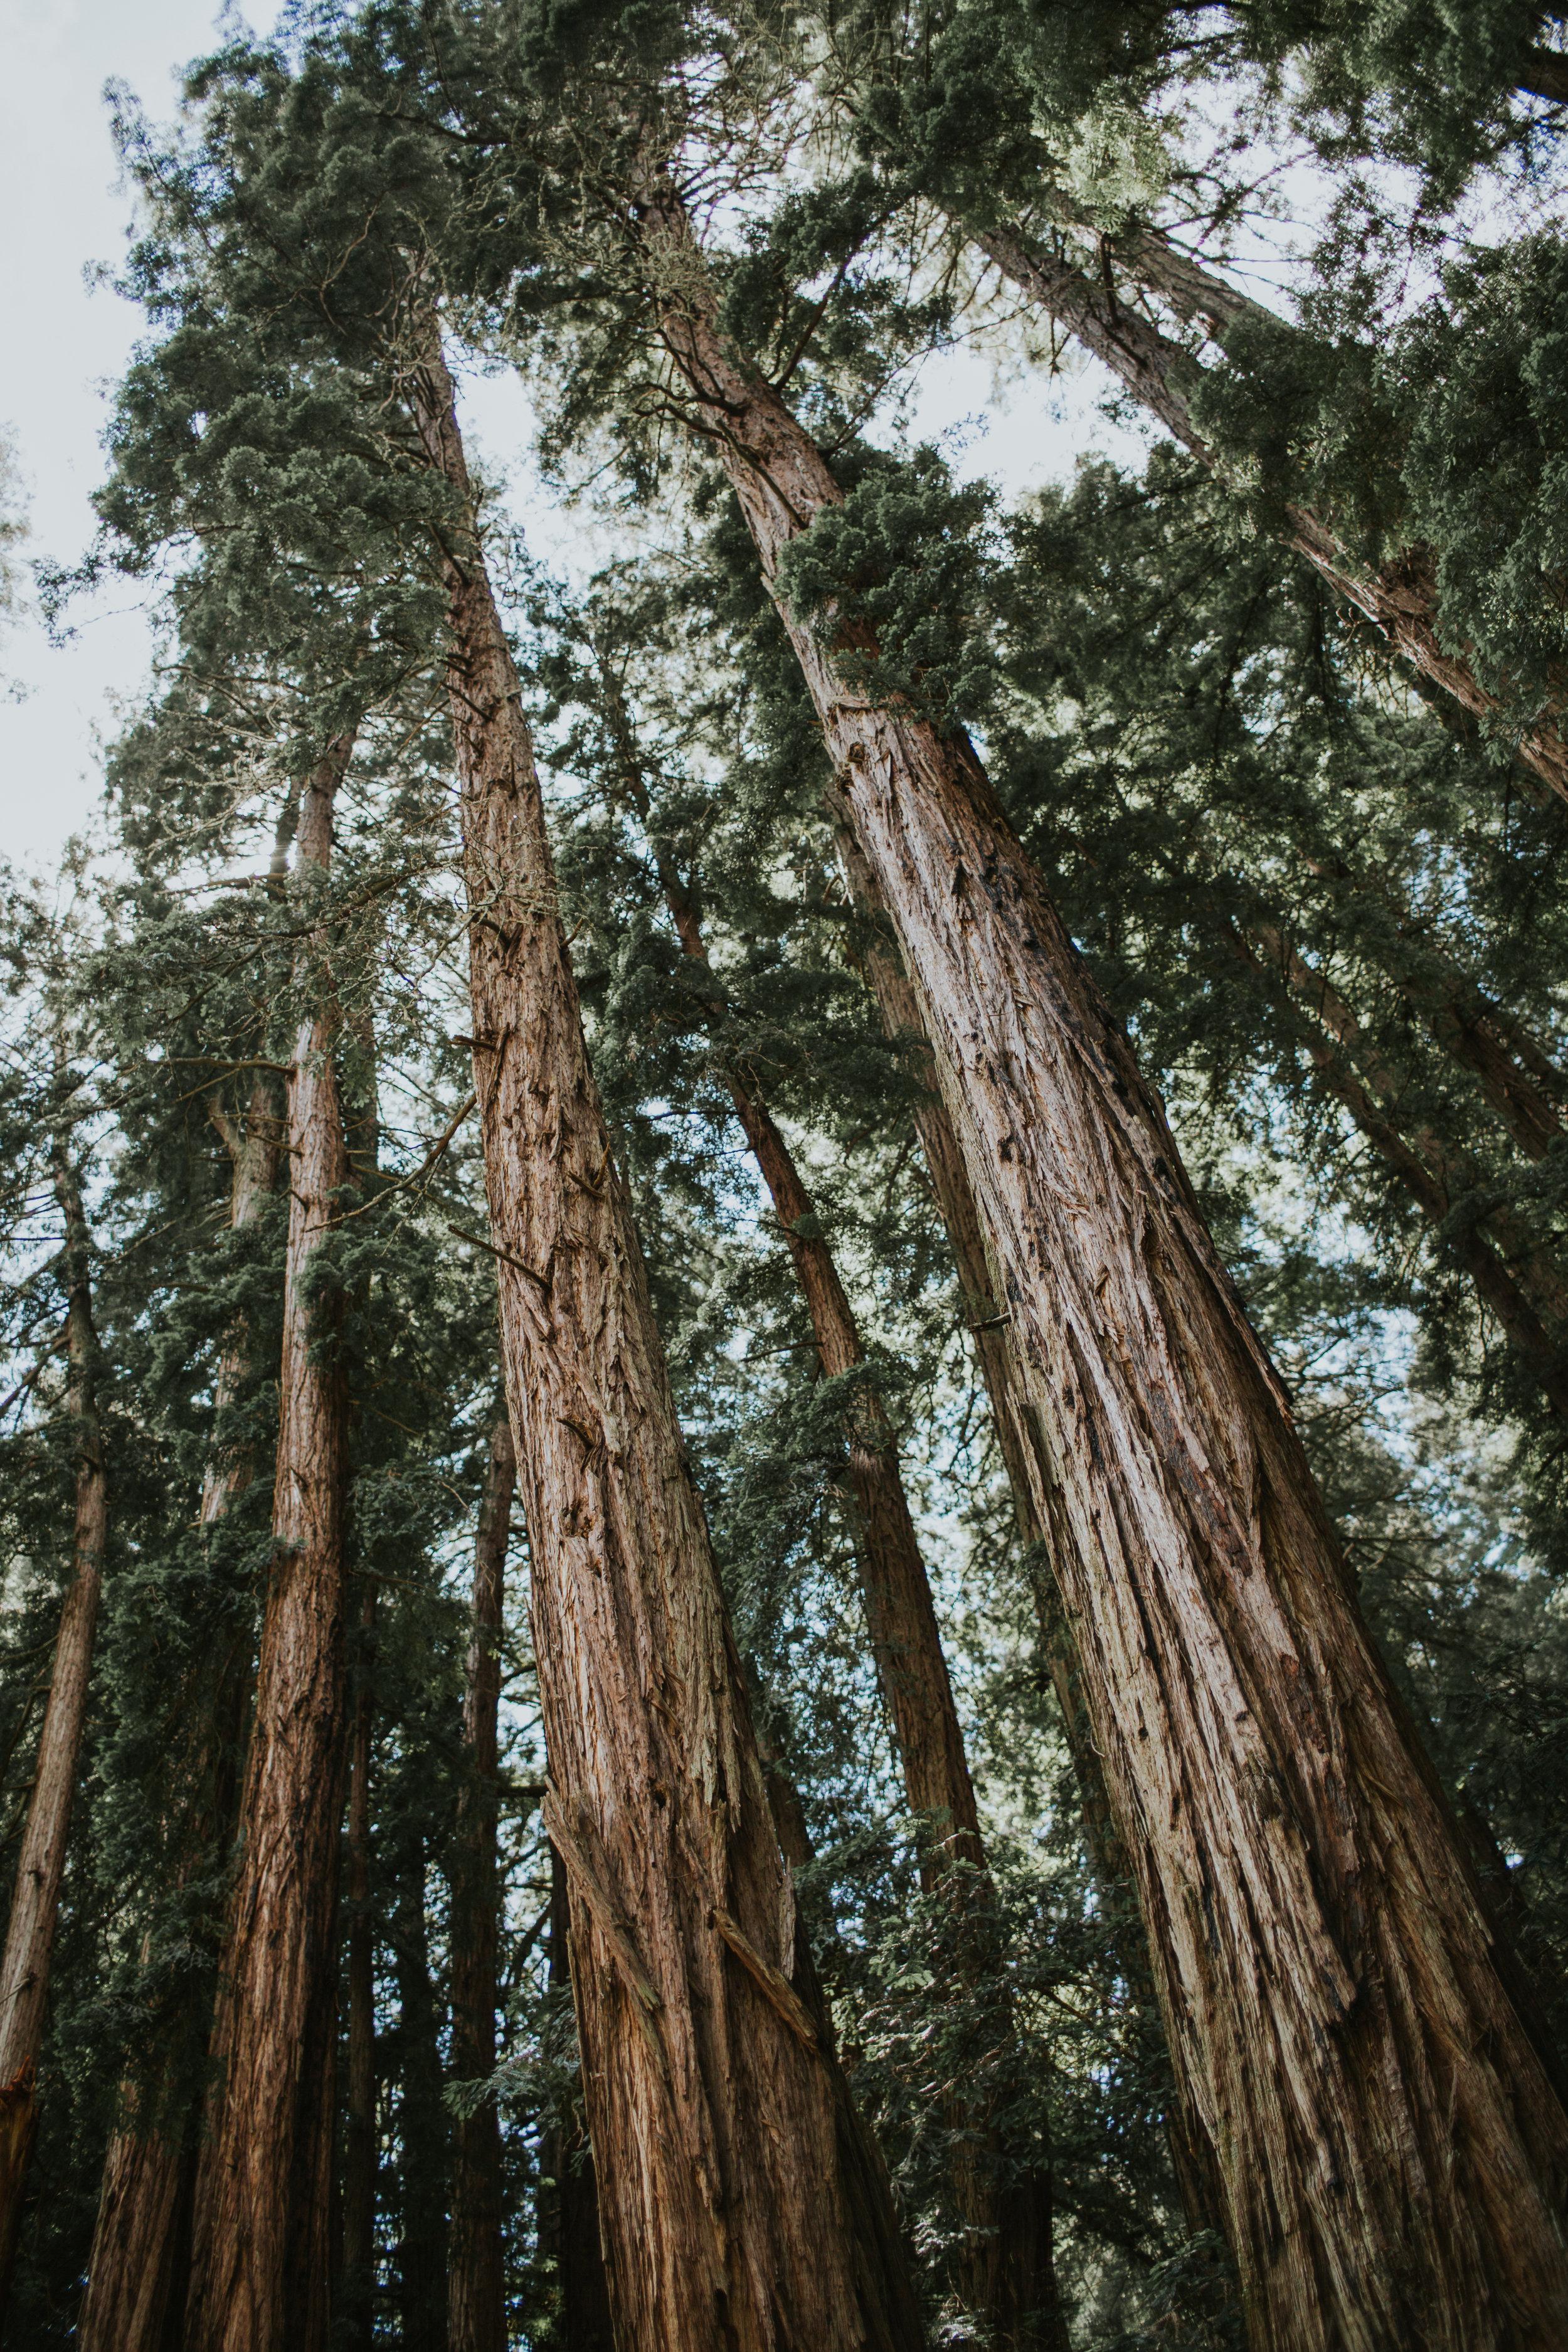 oak1 (29 of 32).jpg